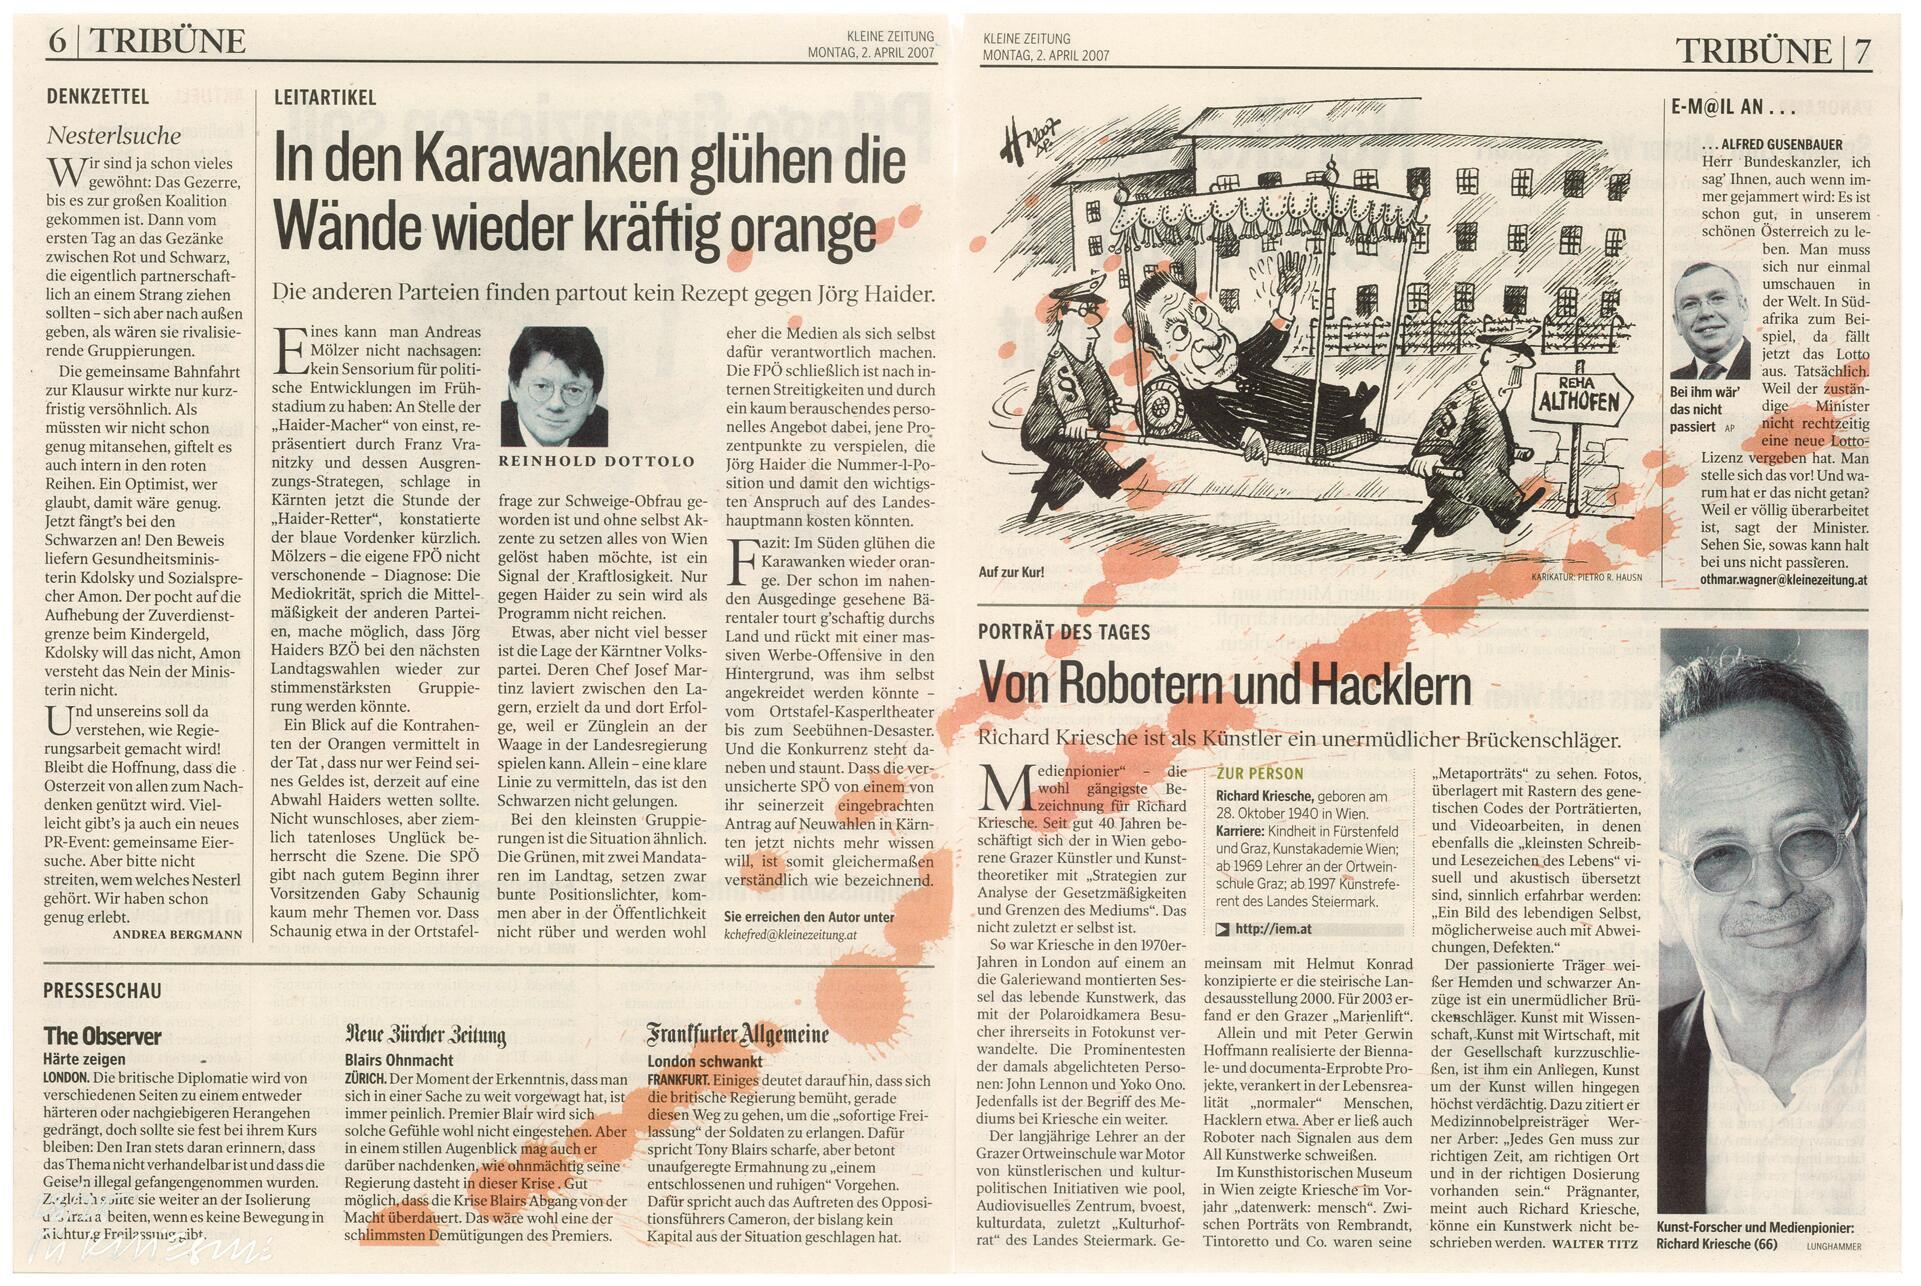 medienblock_kriesche_62-03